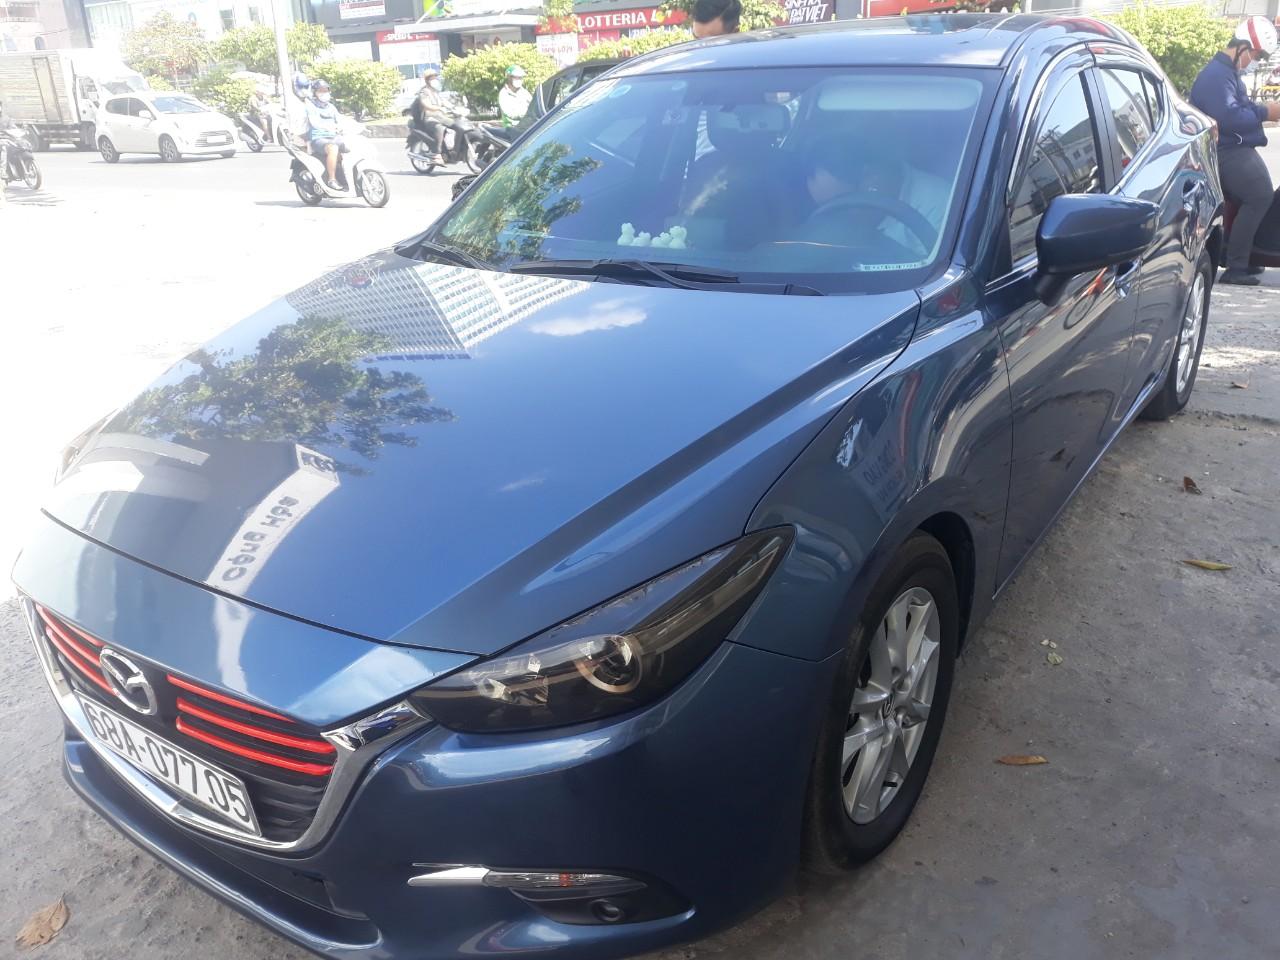 Bán Mazda 3 sedan 1.5AT Facelift màu xám xanh số tự động sản xuất cuối 2017 biển tỉnh đi 38000km